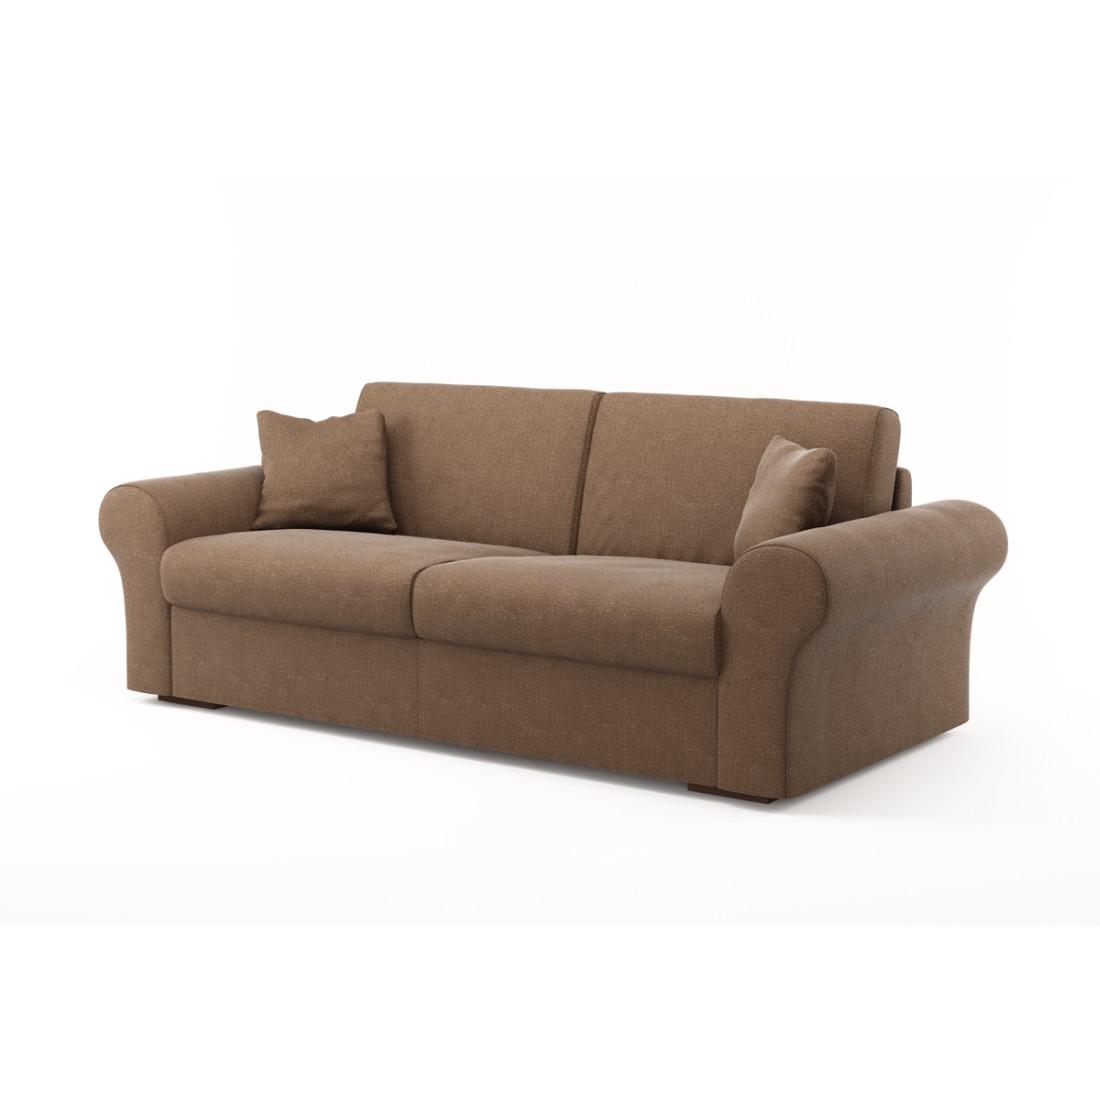 Schlafsofa Novo (3-Sitzer) – Luna Comfort 6 159 (Nussbraun), Von Wilmowsky jetzt kaufen